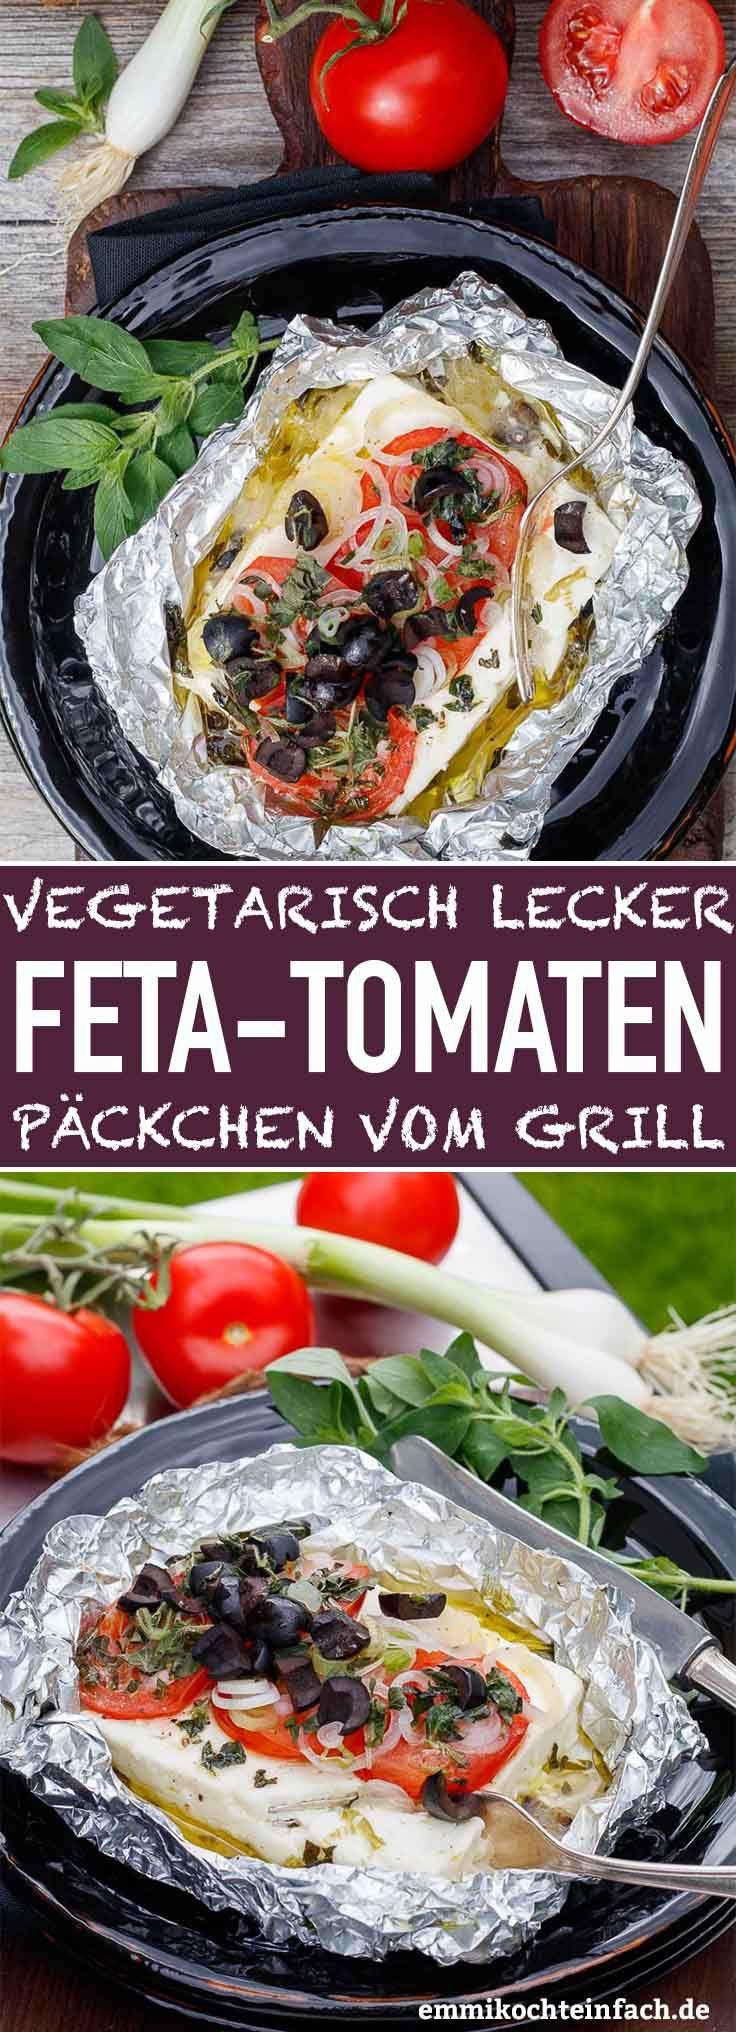 Feta and tomato packets from the grill   – emmikochteinfach – Der Food-Blog mit einfachen Rezepten, die gelingen